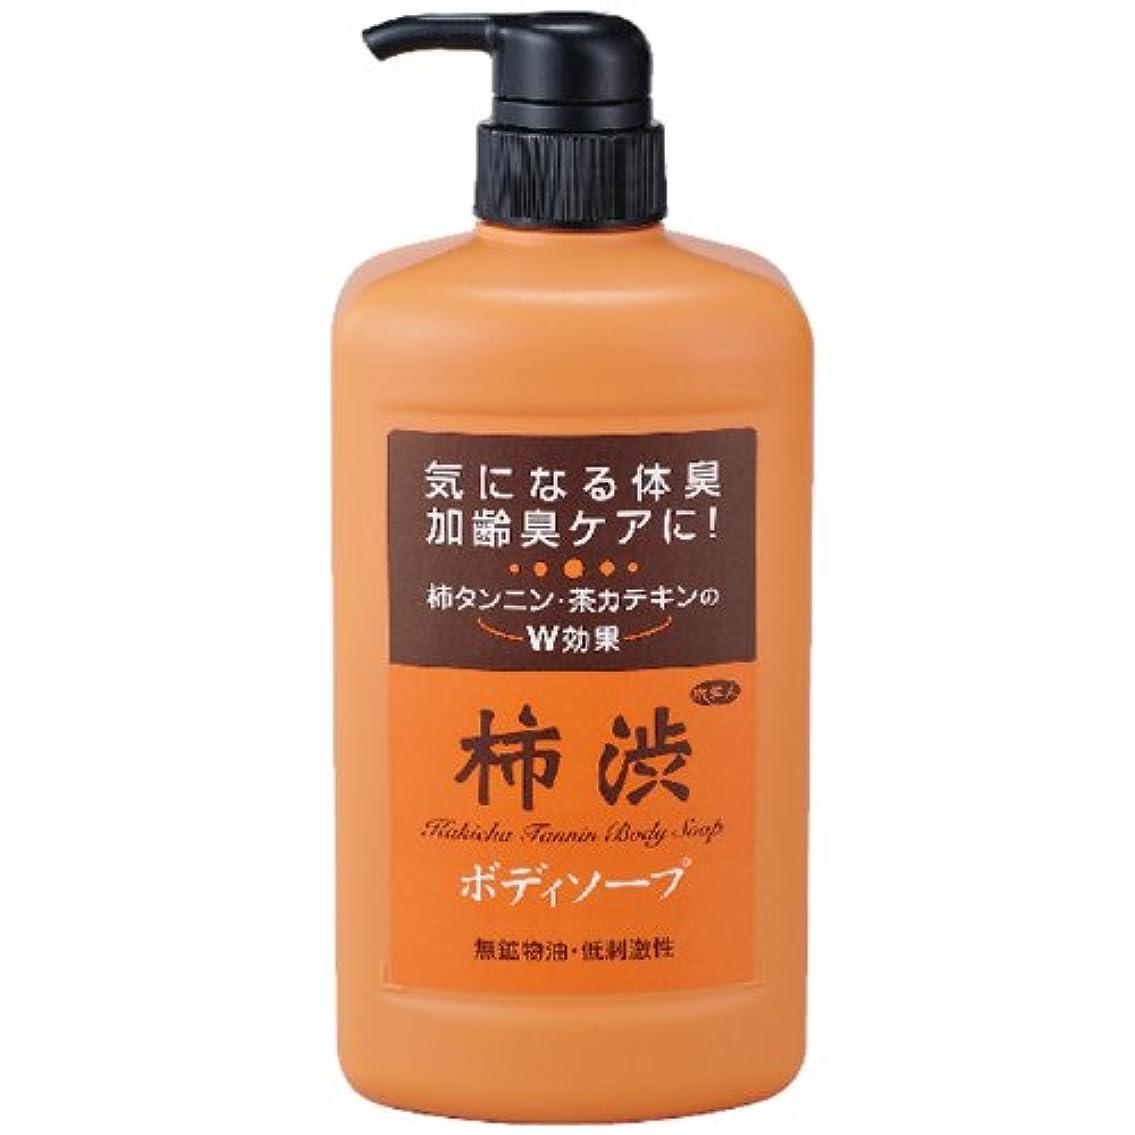 ディスパッチ花瓶前文アズマ商事の 柿渋ボディソープ850ml